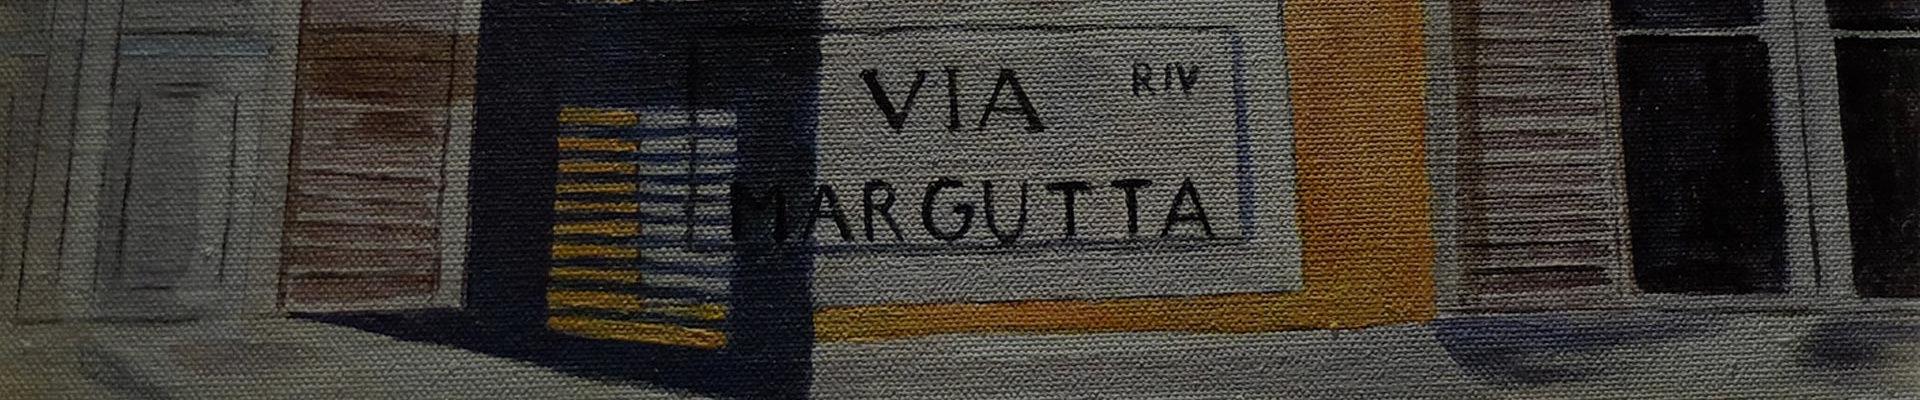 contacto-margutta2